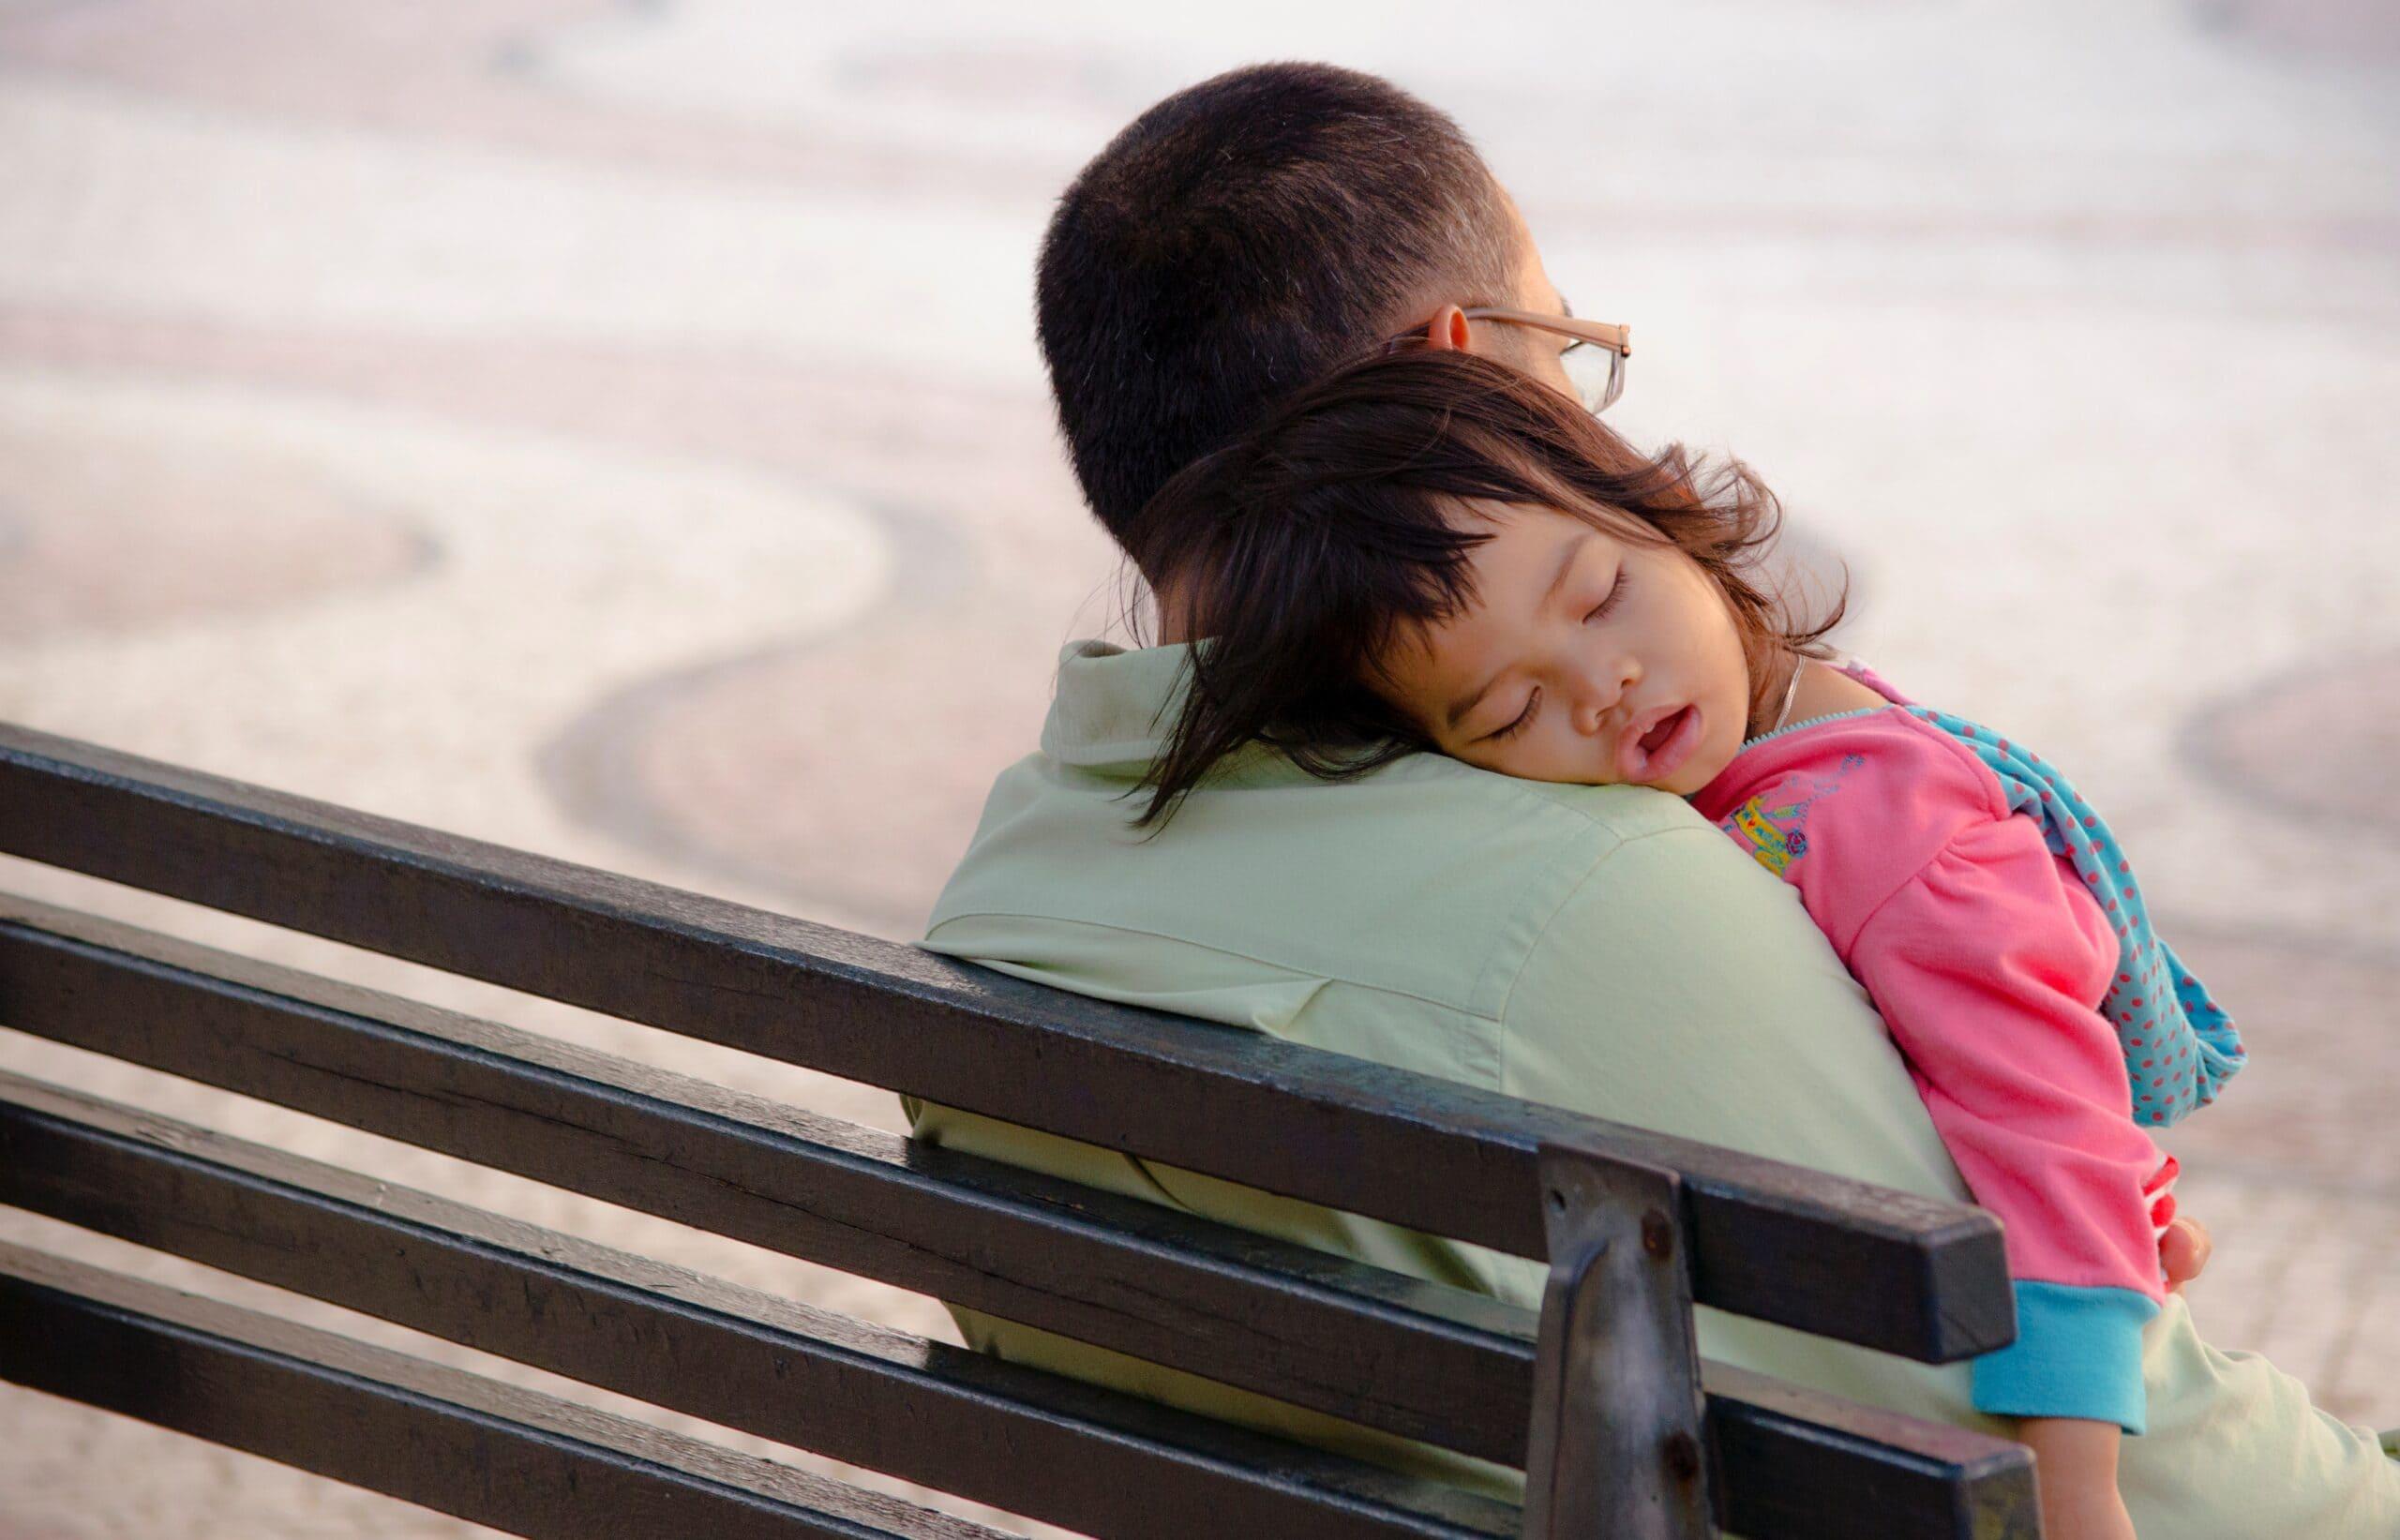 Gute-Nacht-Geschichten für Kindern erleichtern auch den Mittagsschlaf!